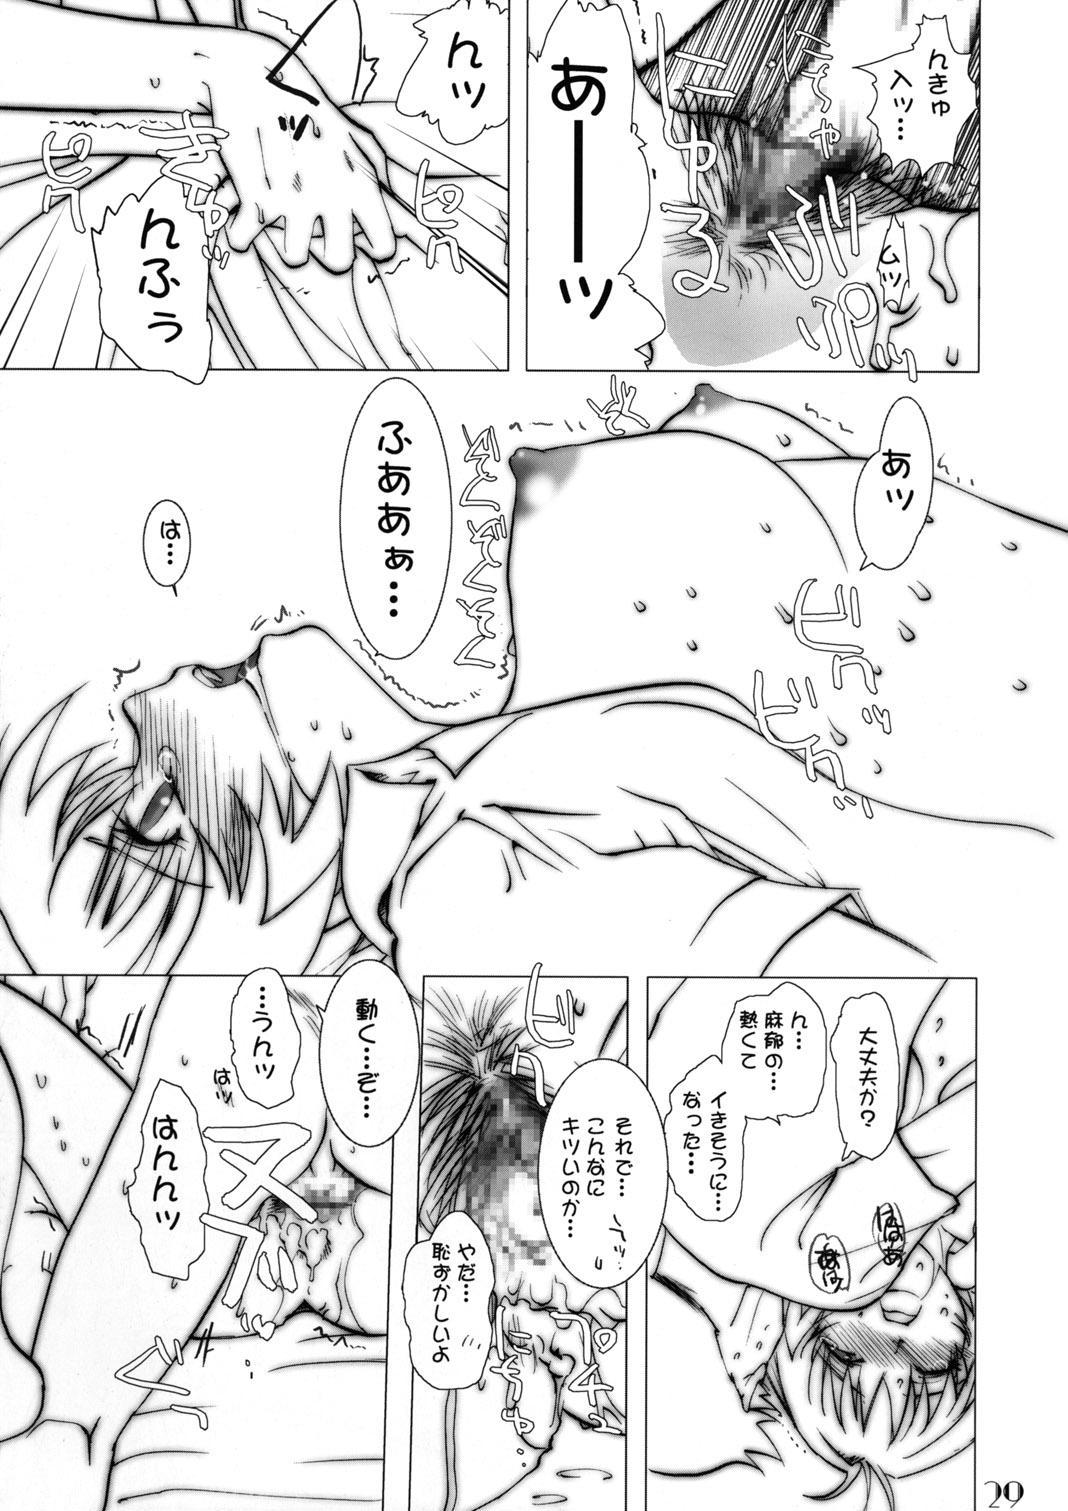 Slave Unit Vol.3 Hokka Hokka Musume 27